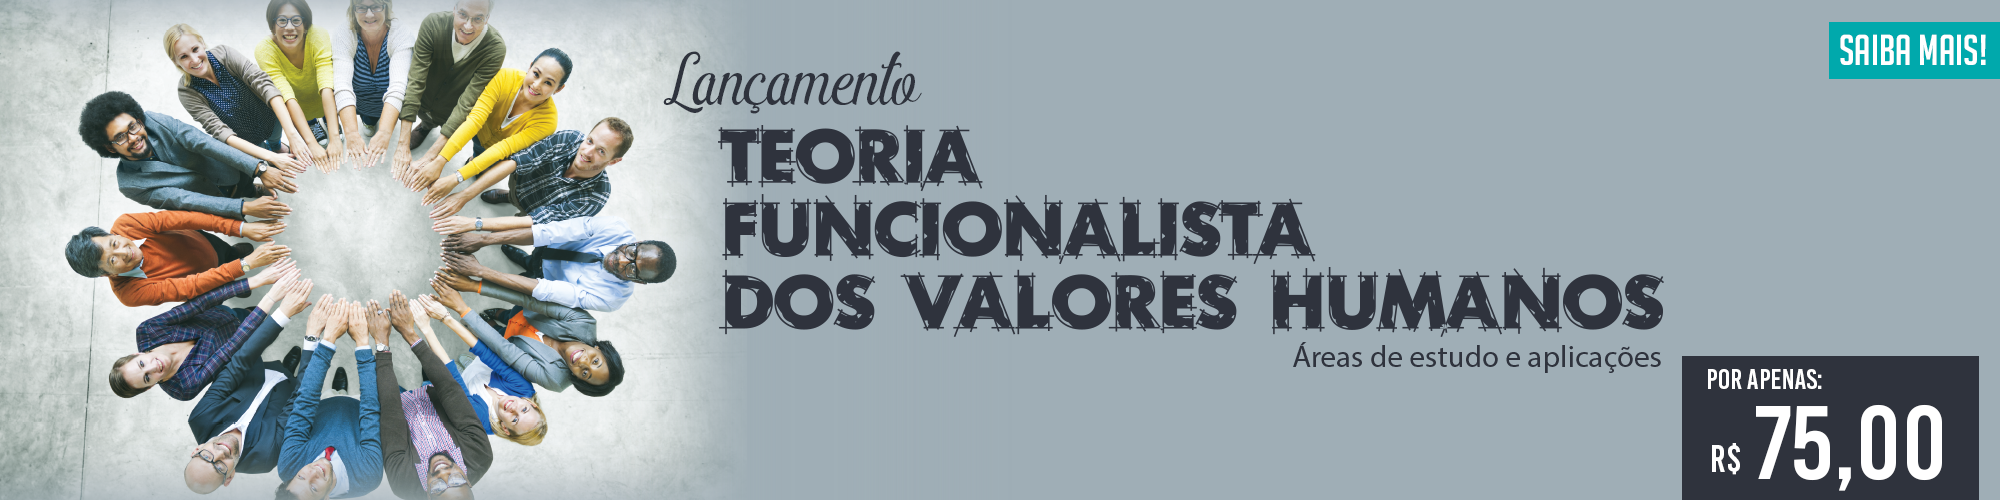 Lançamento - Teoria Funcionalistas dos Valores Humanos